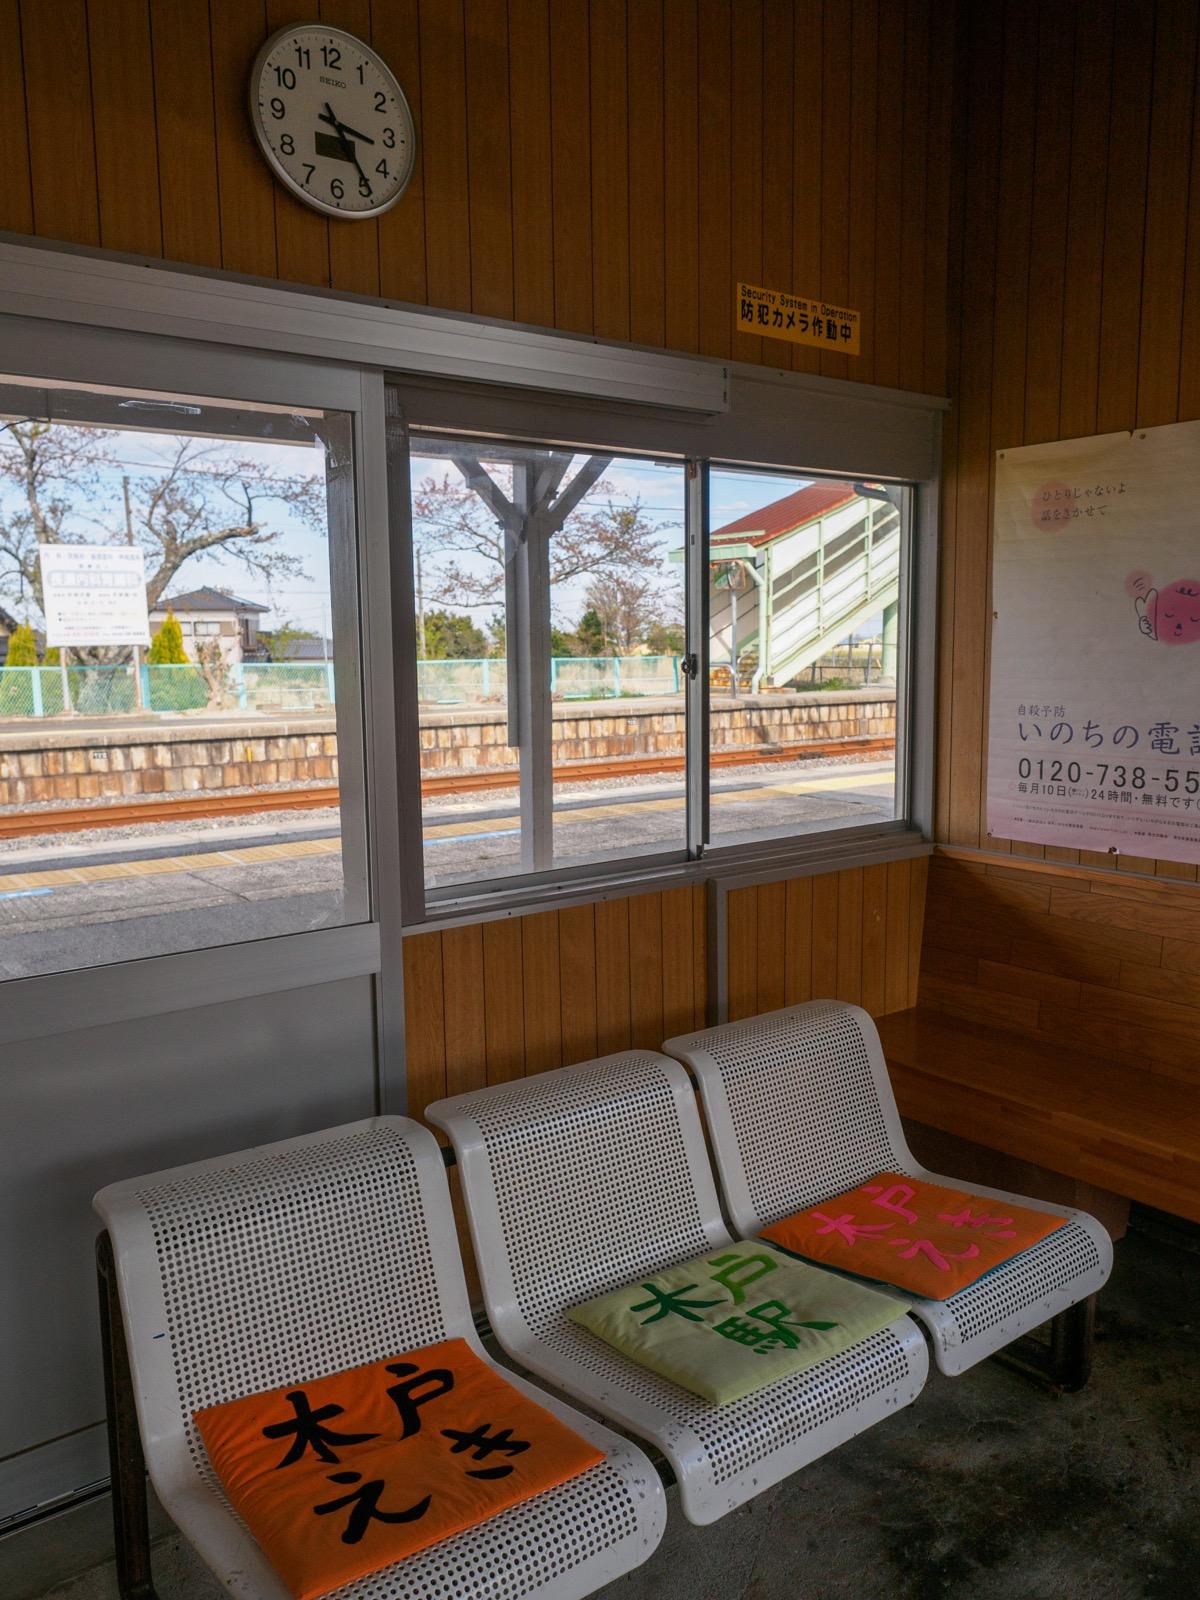 木戸駅の待合室(2017年4月)